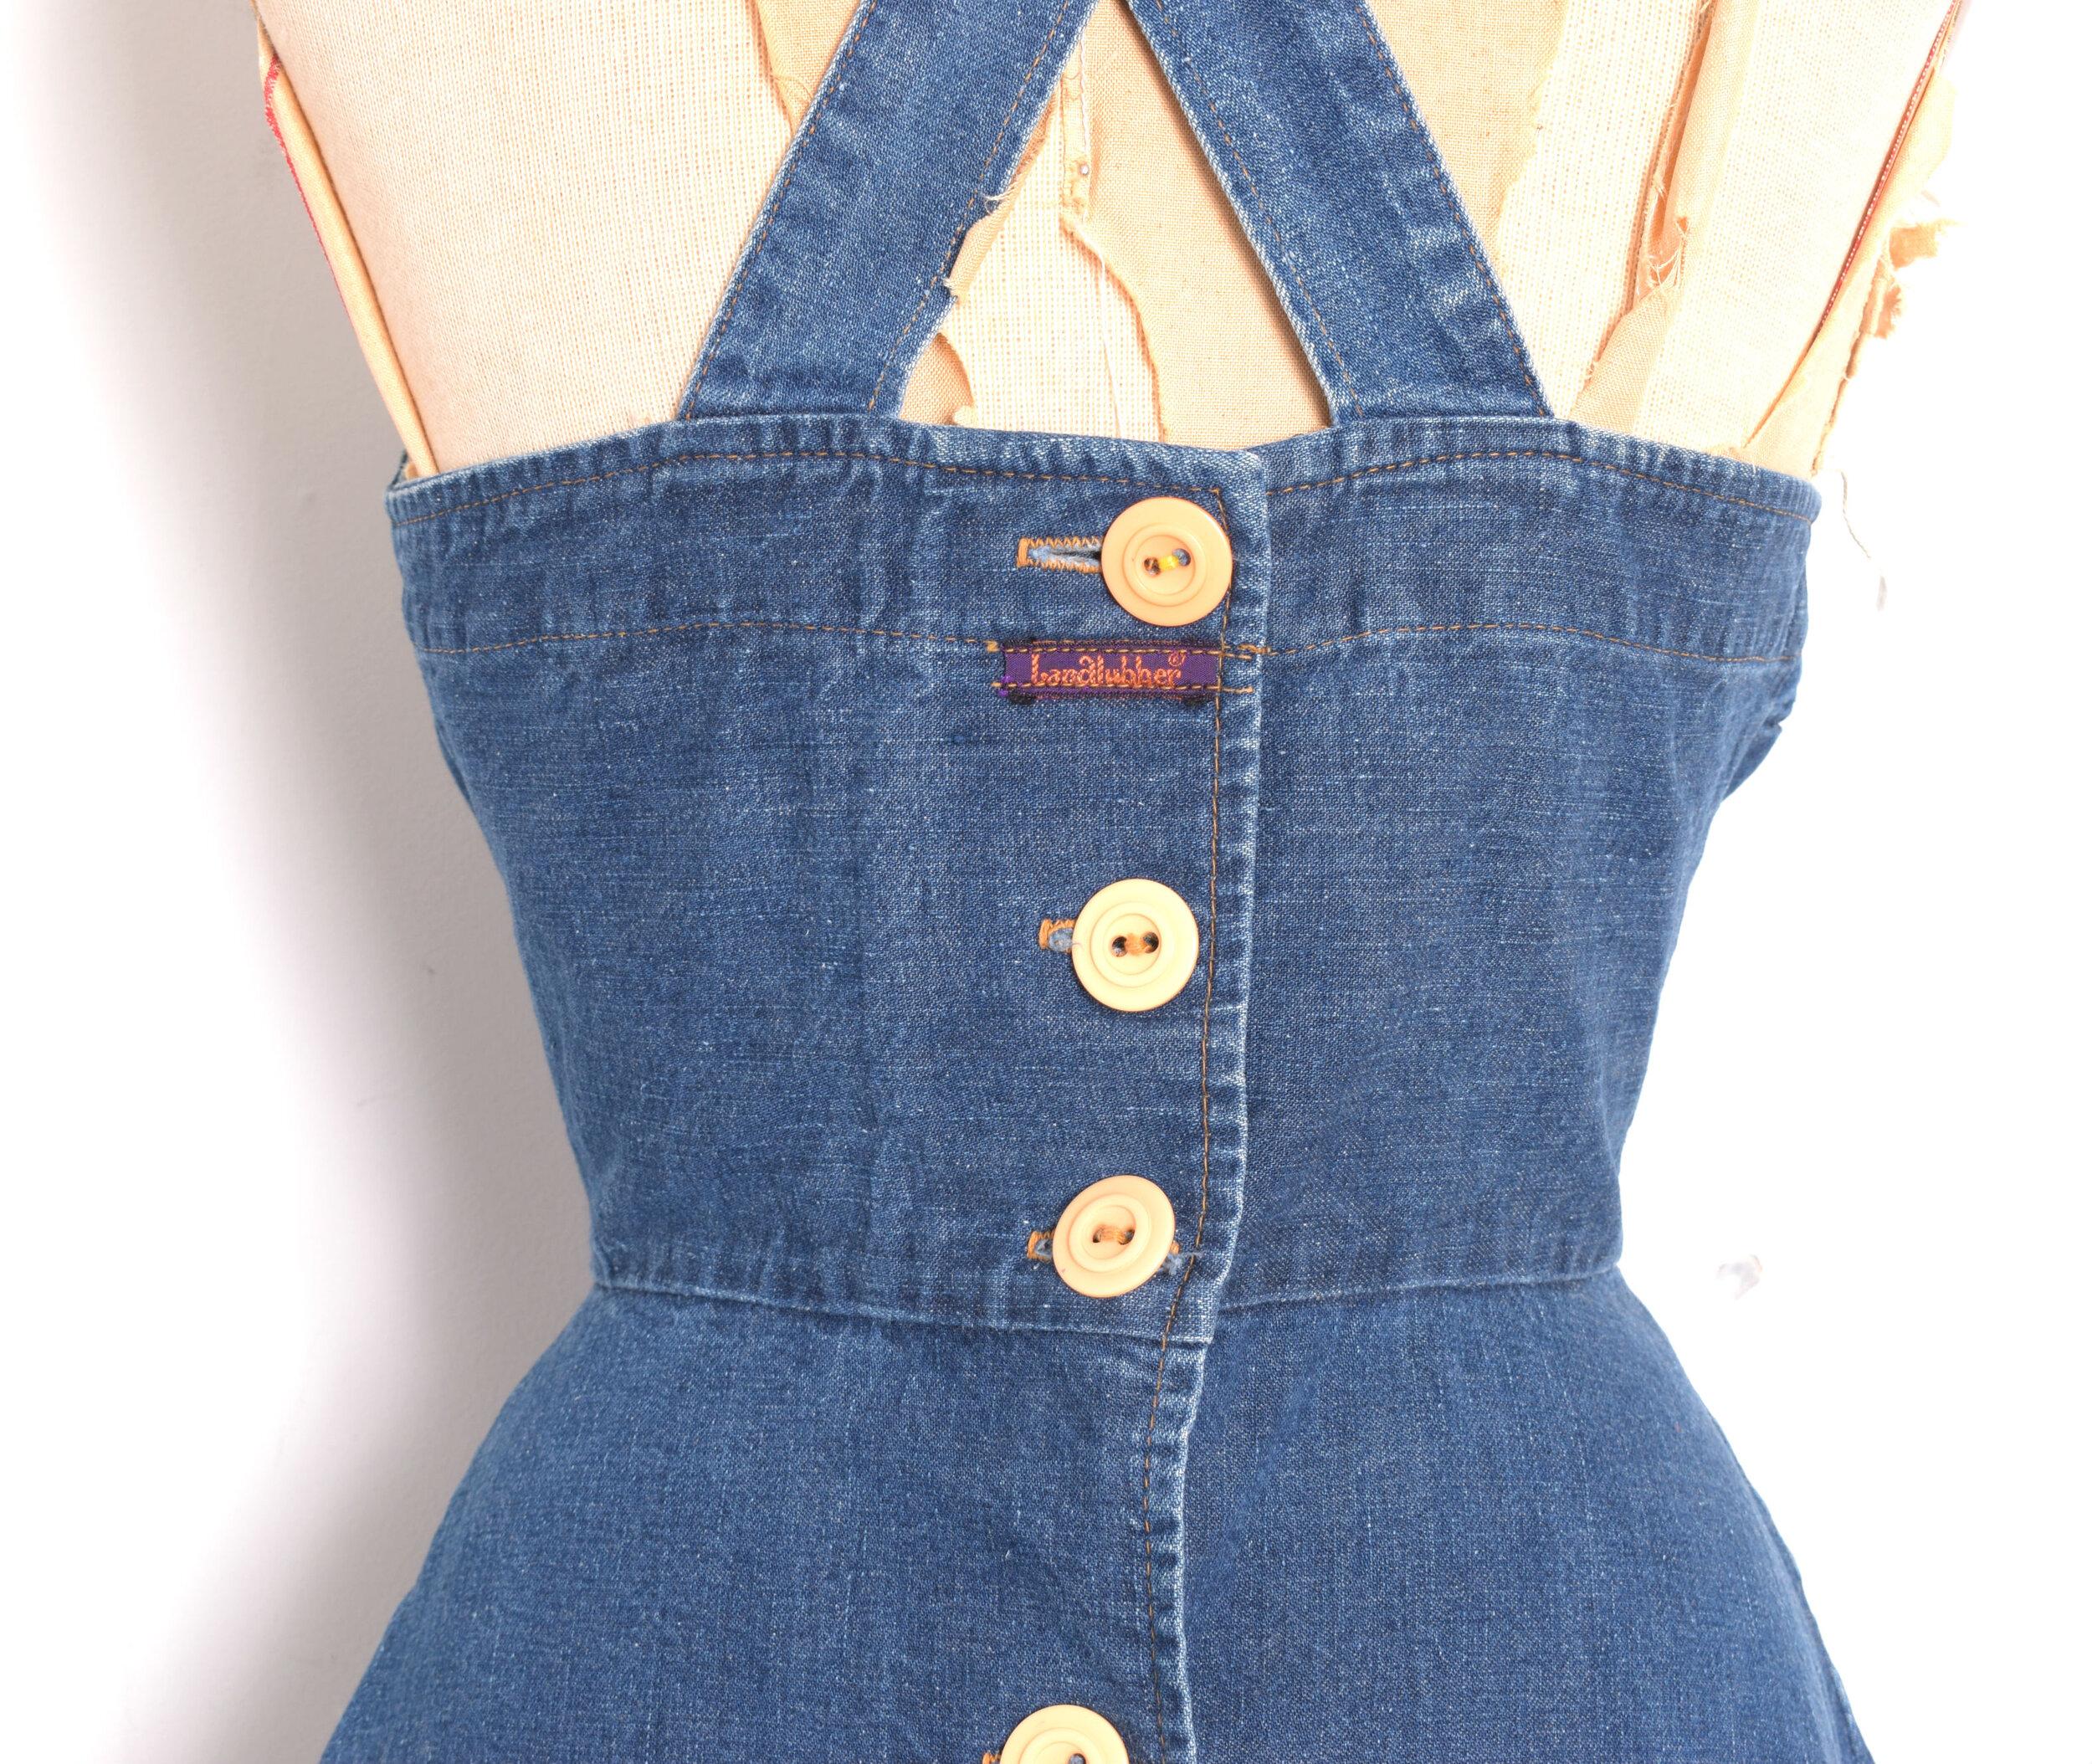 70s Landlubber Denim Jumper Dress w Ruffle Hem  Retro Jean Overalls Dress  Small 34 Bust